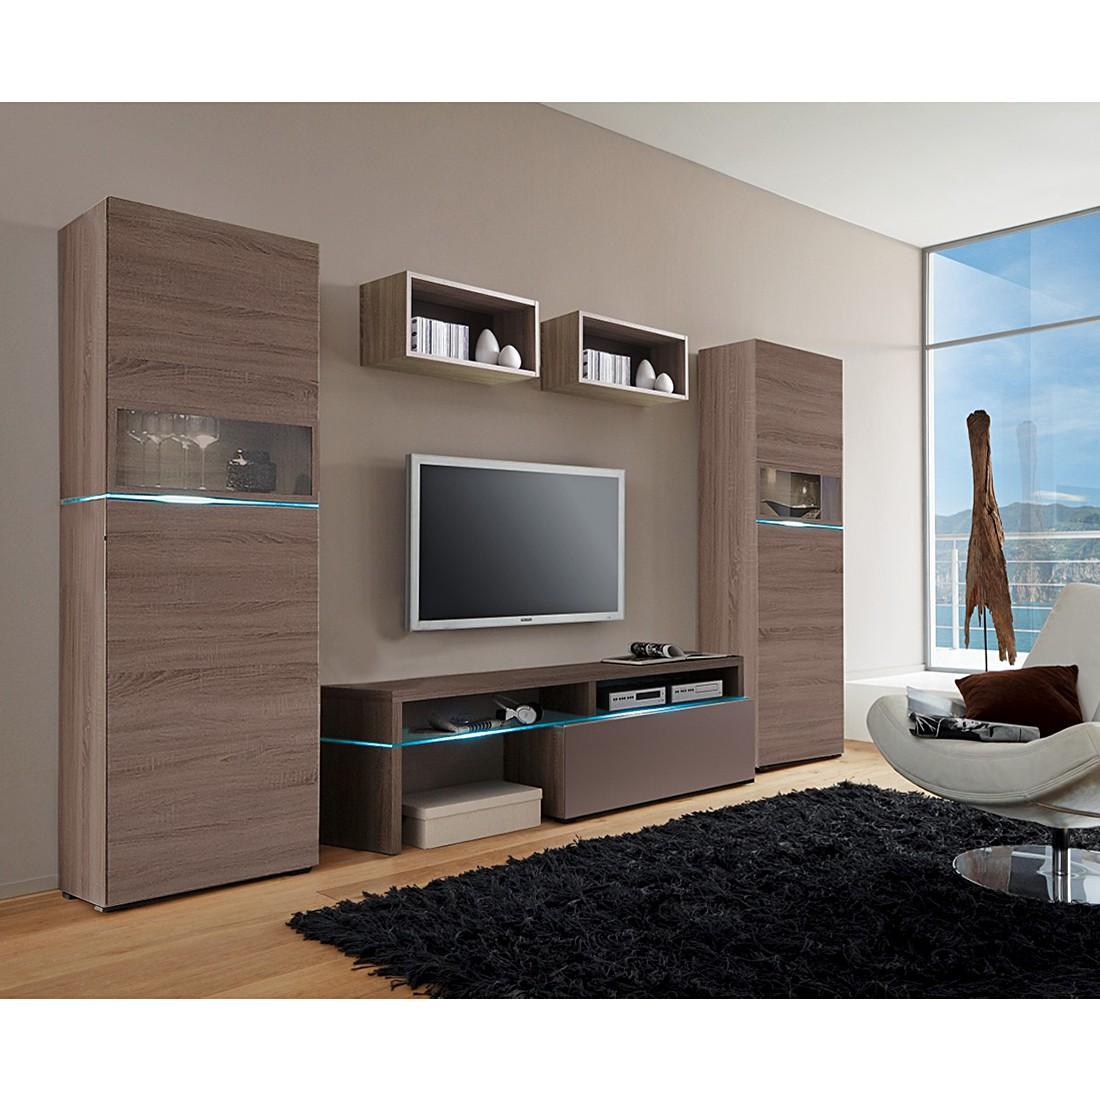 Wohnwand Elemente Style : Télé guide d achat